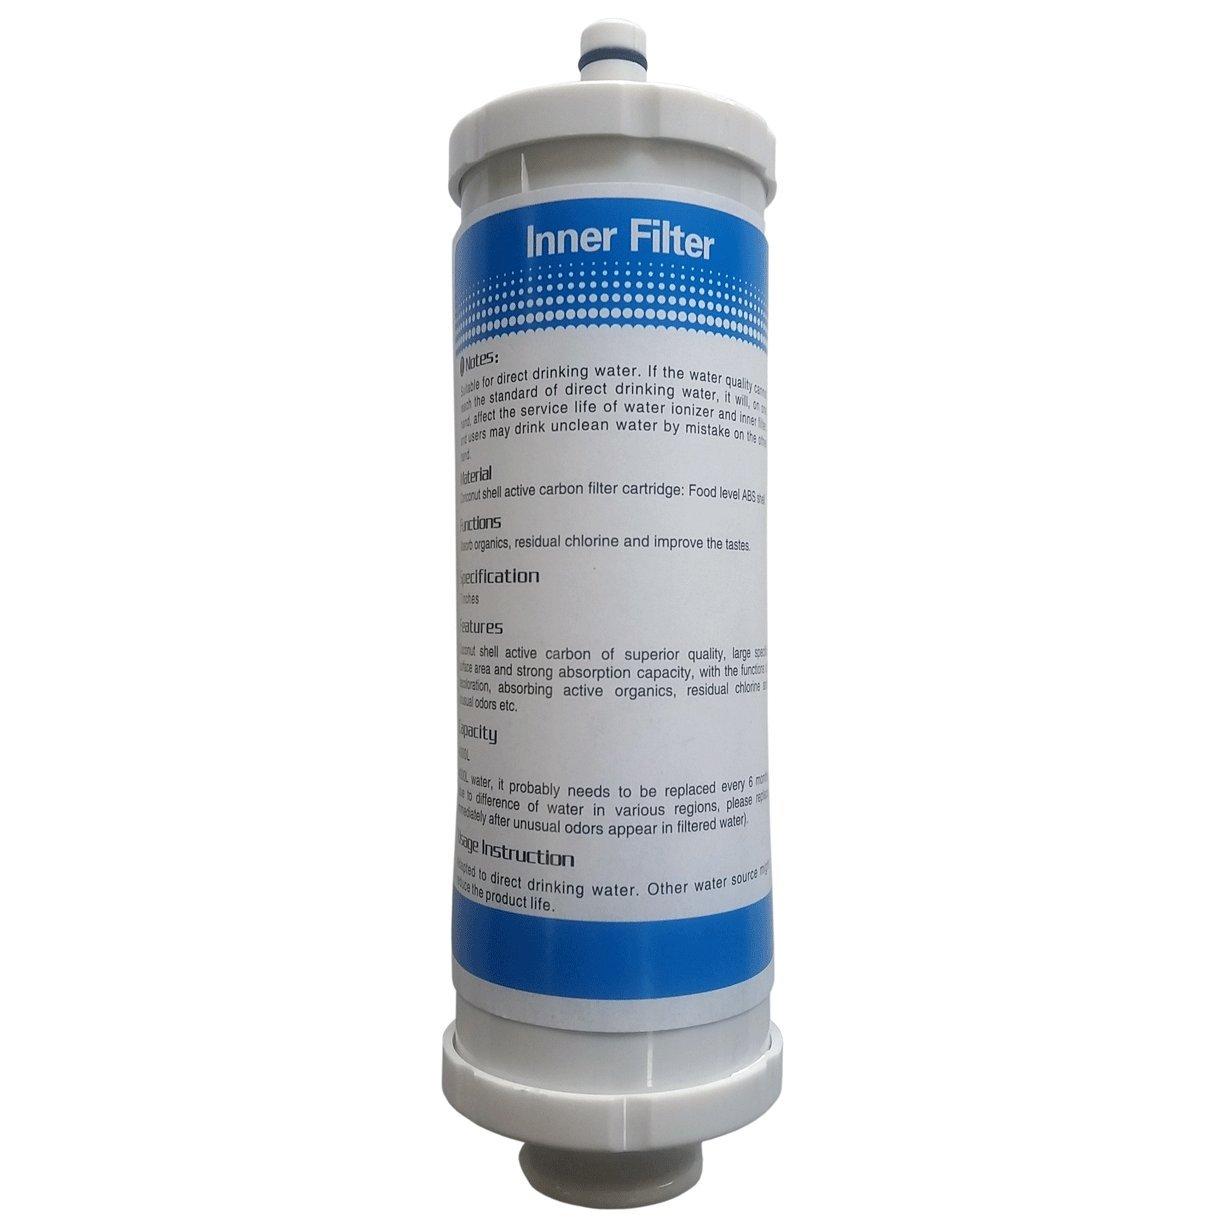 1 X Carbon Filter for AquaSpirit 5.0 and 7.0, AlkaH2o, KE501, KE701